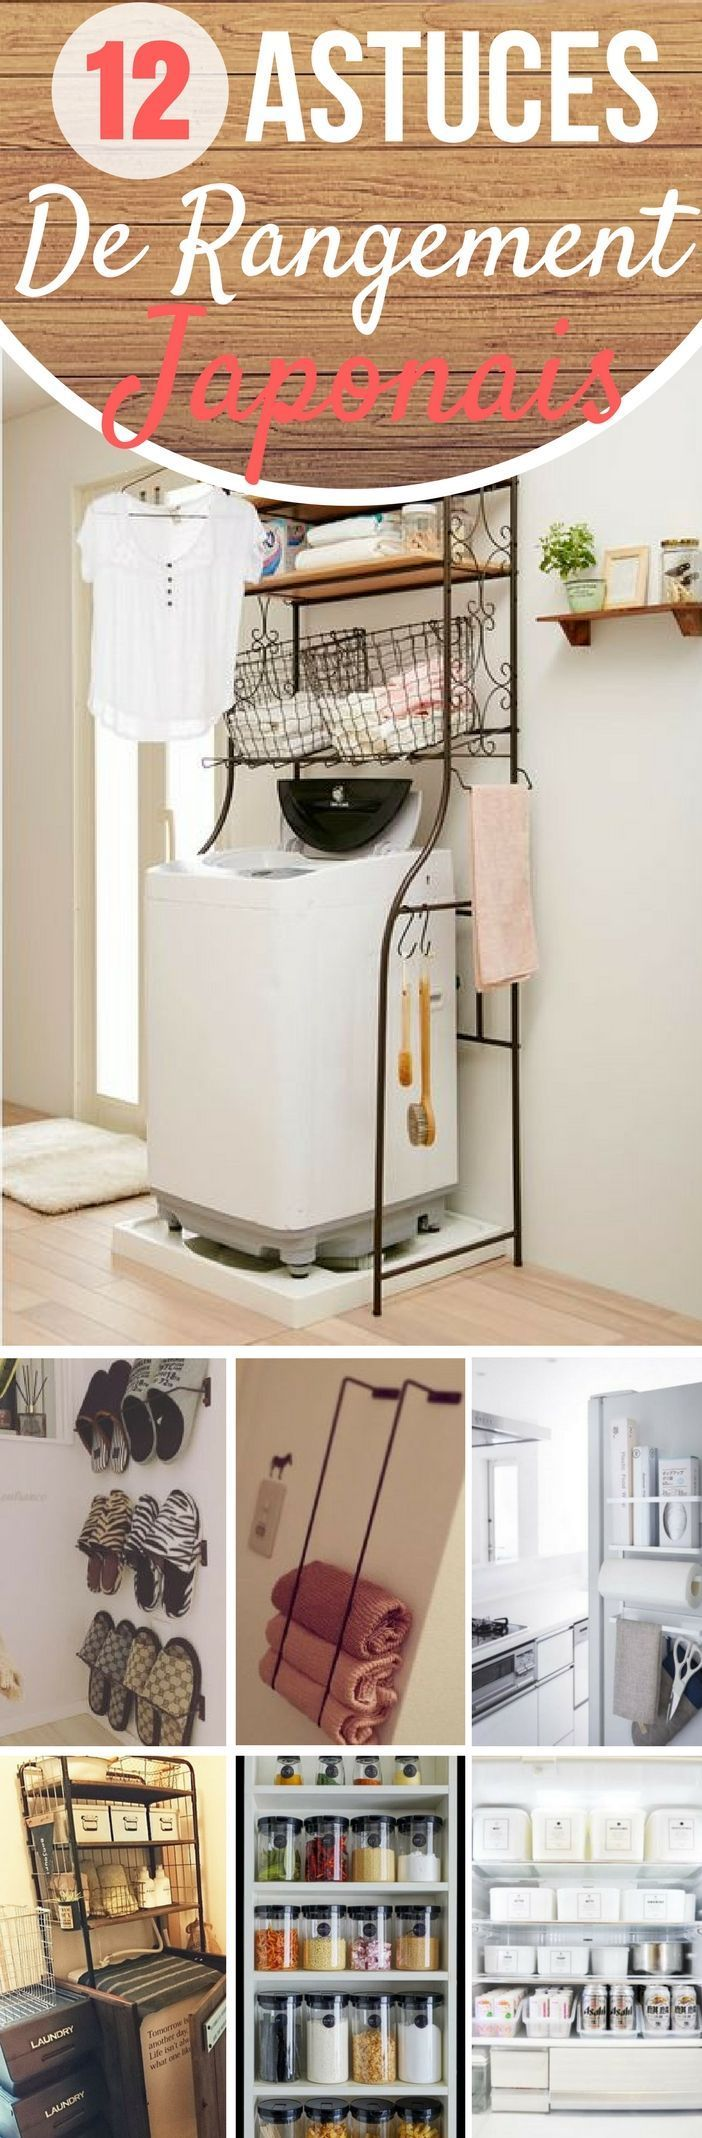 12 brillantes id es de rangement japonaises d co maison home decor home organisation et. Black Bedroom Furniture Sets. Home Design Ideas